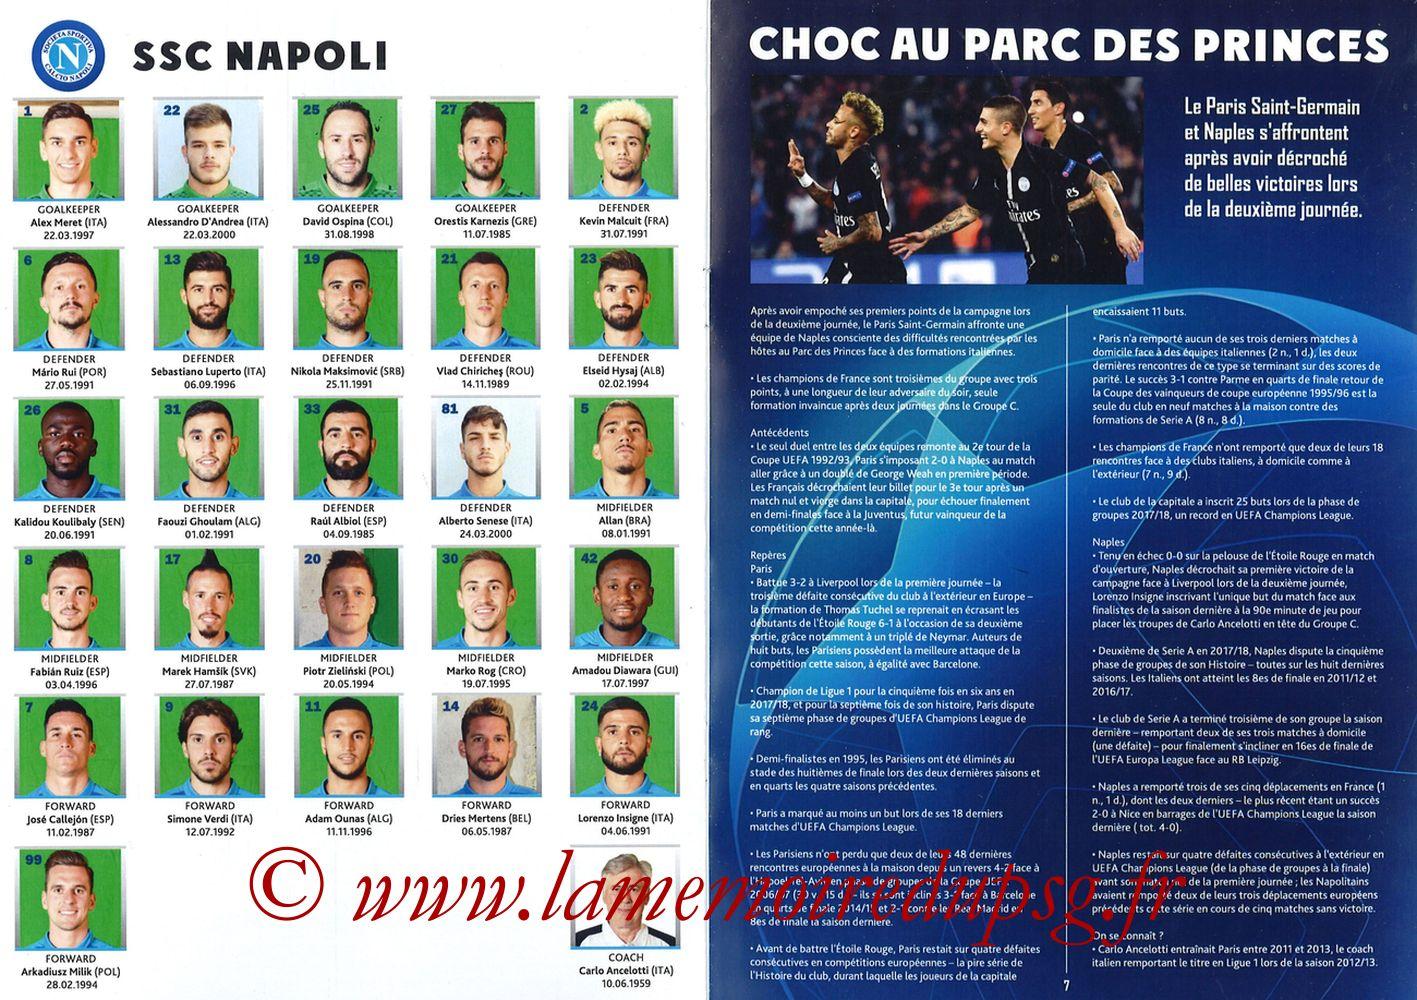 2018-10-24  PSG-Naples (3ème Poule C1, Programme pirate) - Pages 06 et 07